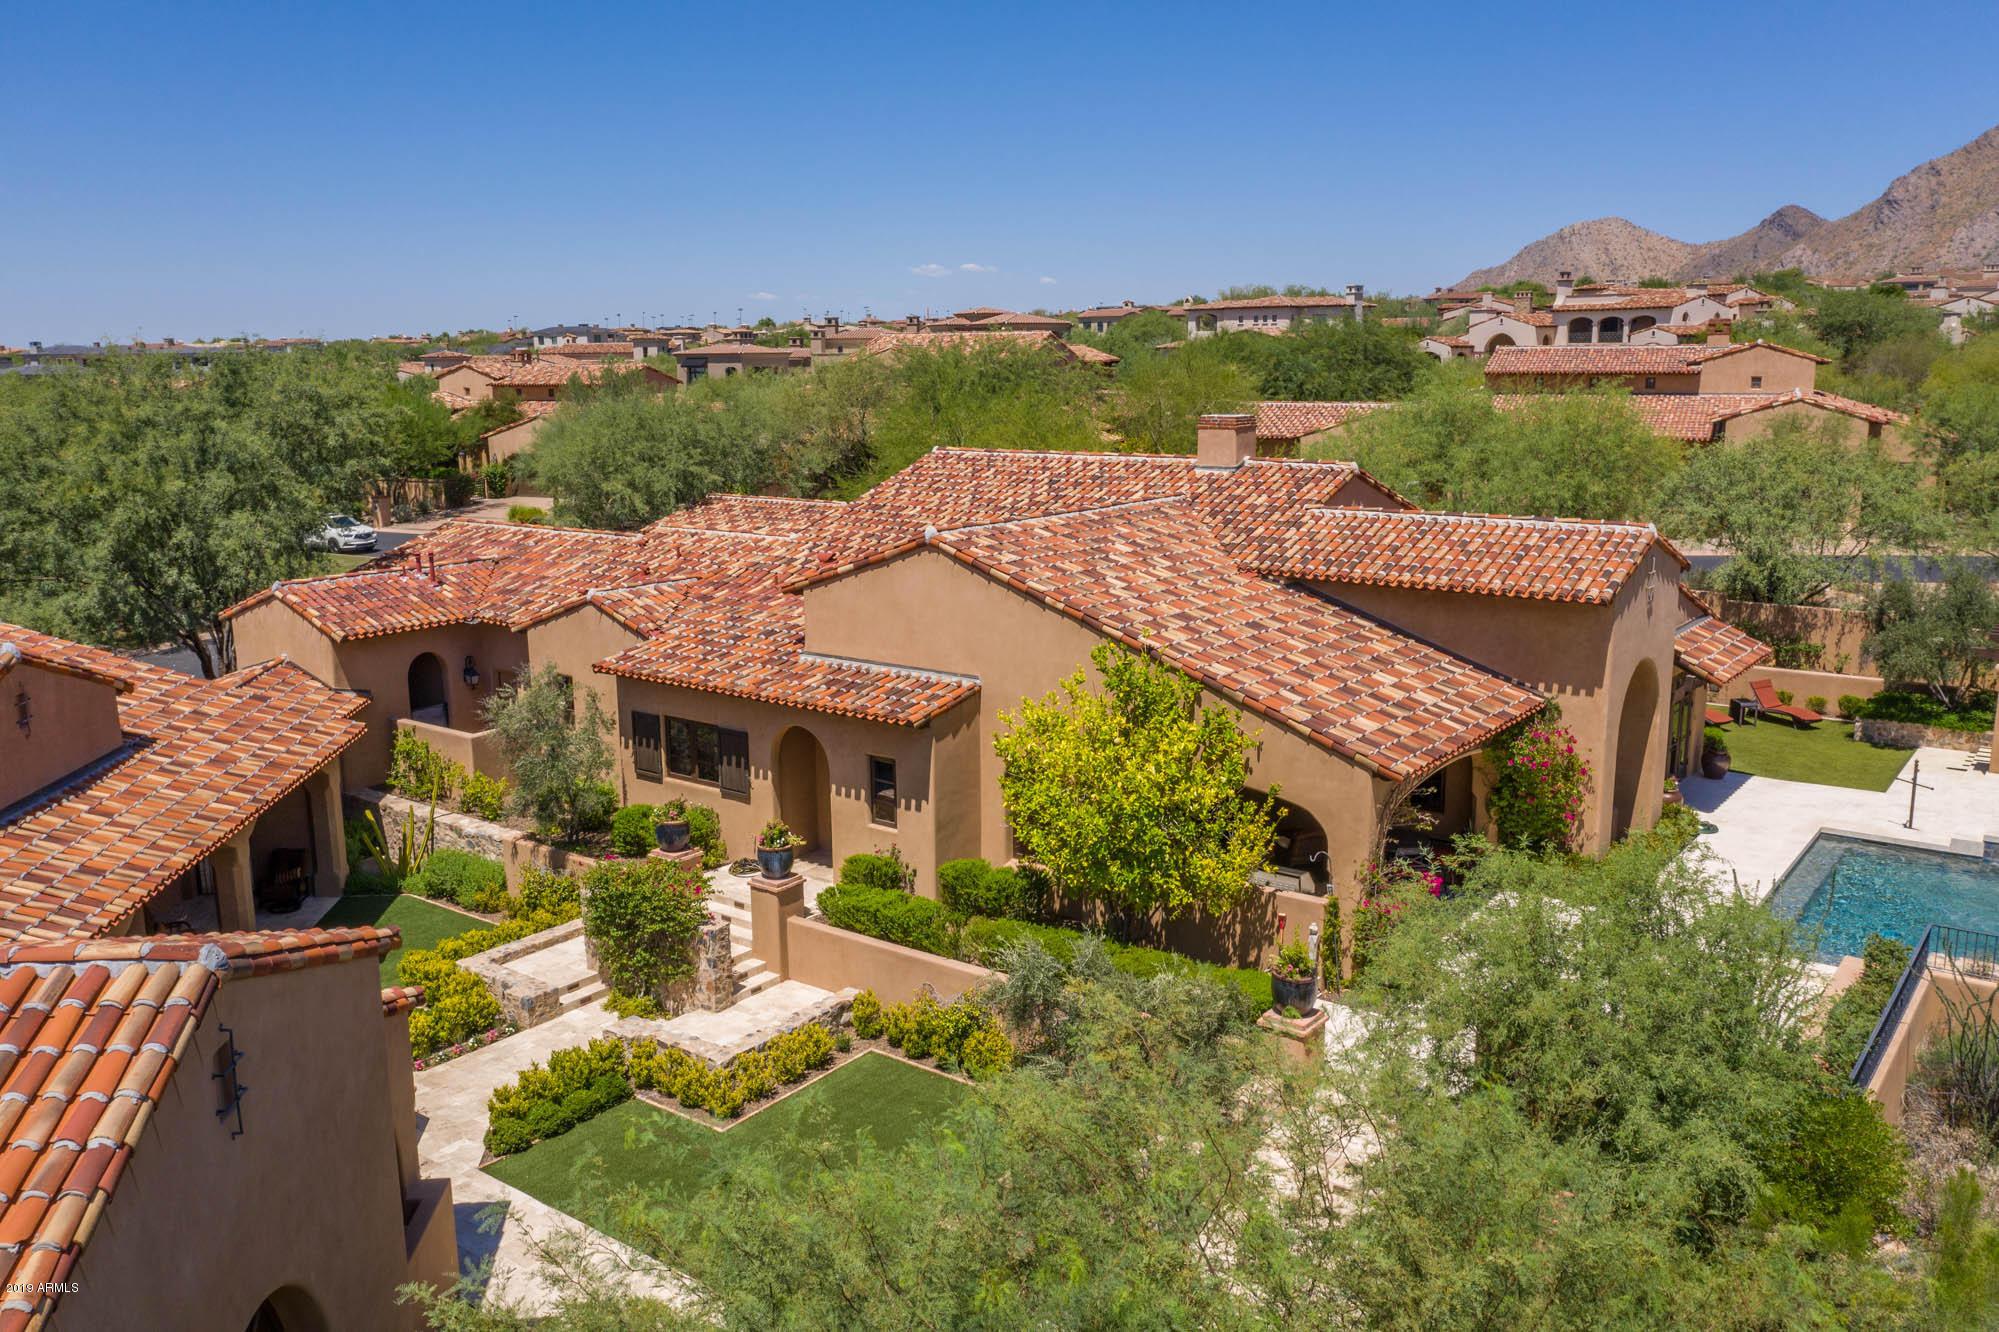 MLS 5994622 18905 N 101st Way, Scottsdale, AZ 85255 Scottsdale AZ Mountain View